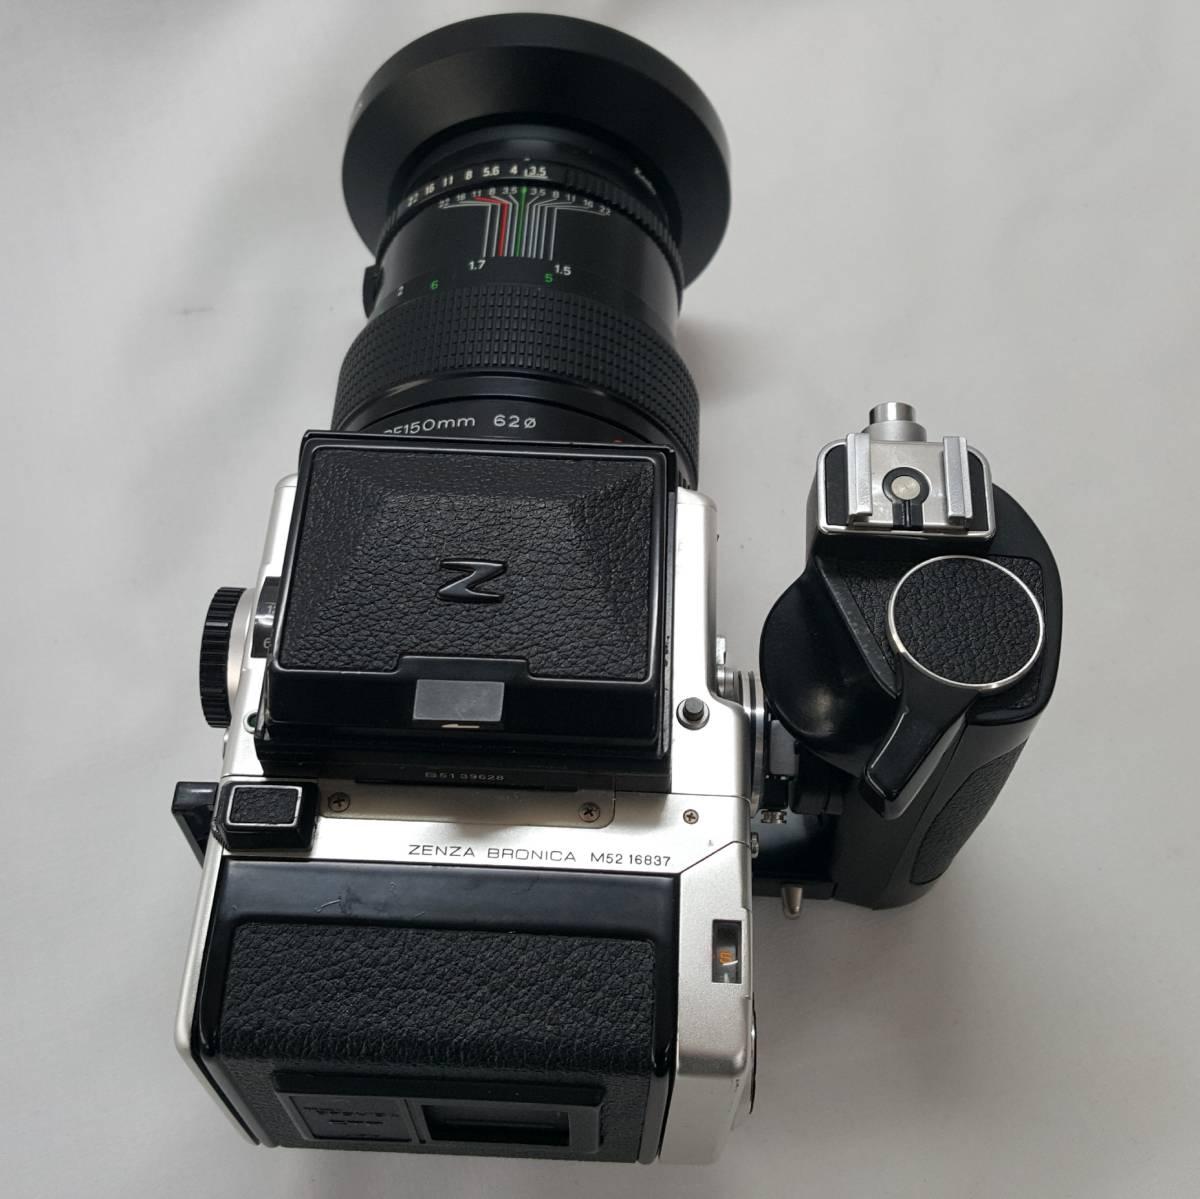 ZENZA BRONICA ETR M52 16837. ZENZANON-PE 1:3.5 f=150mm 15800769 ゼンザブロニカ 美品 レンズ+付属 (A-67)_画像3